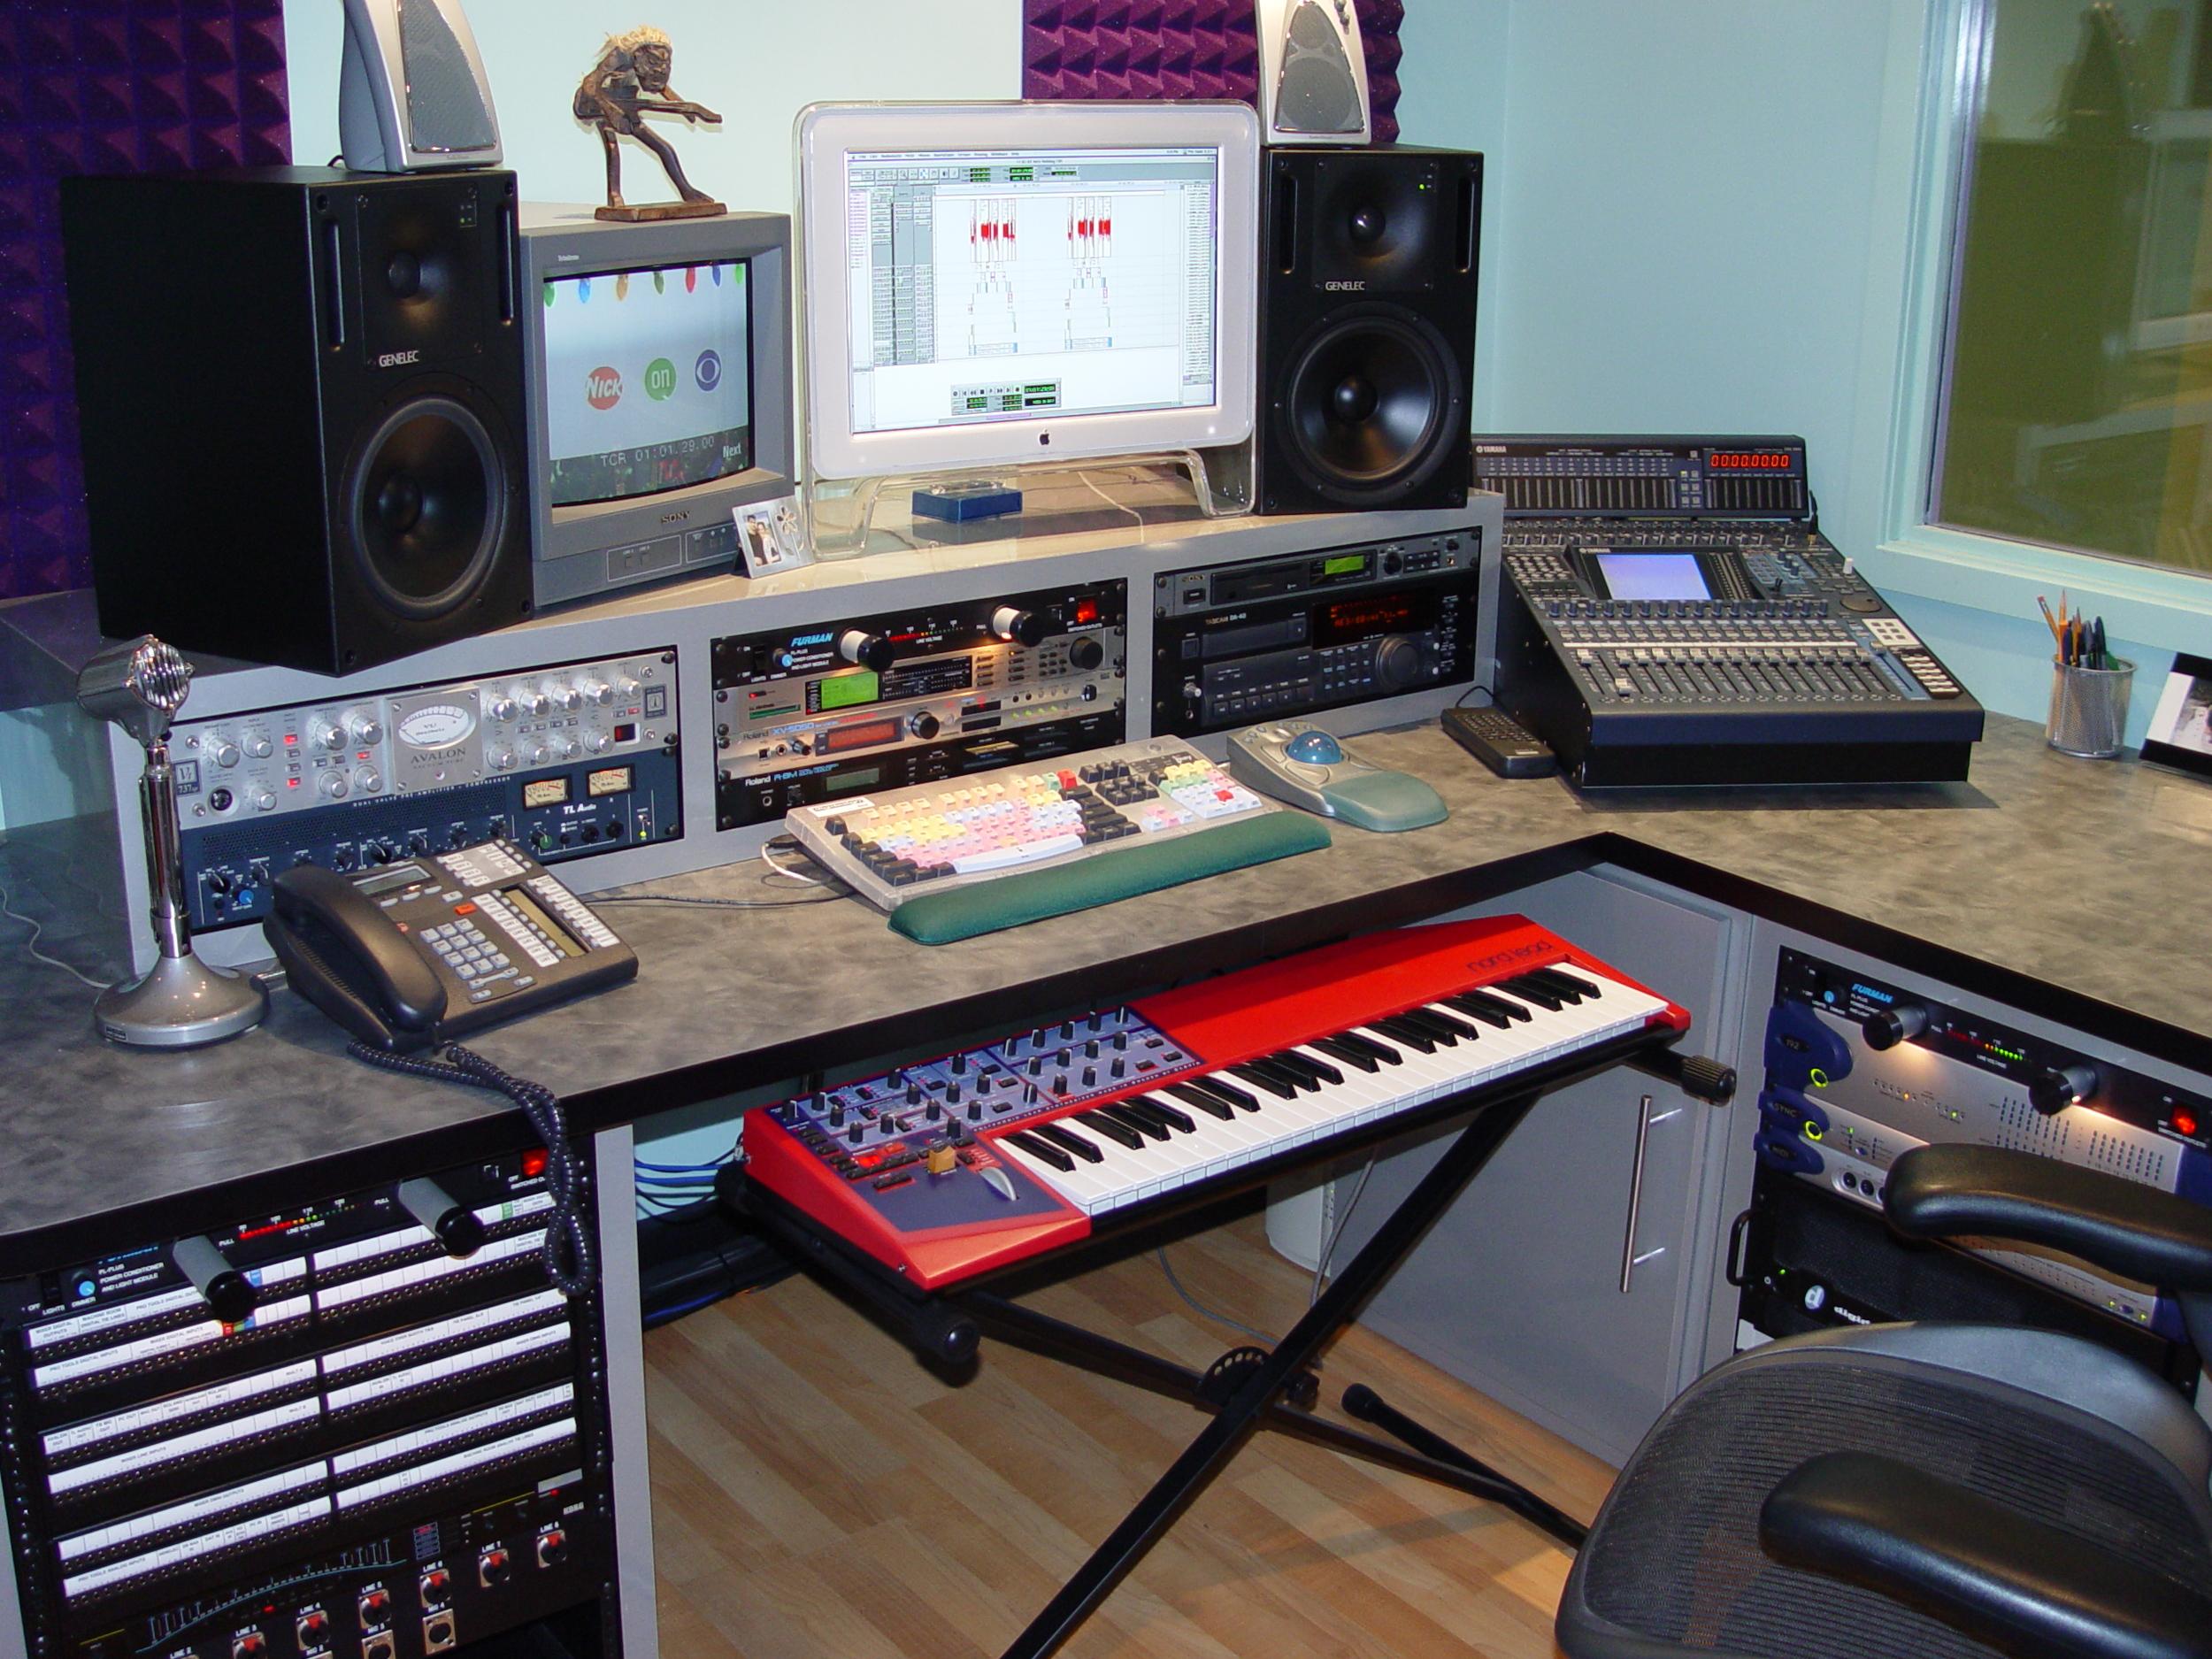 EENYC_Studio_C_1.JPG